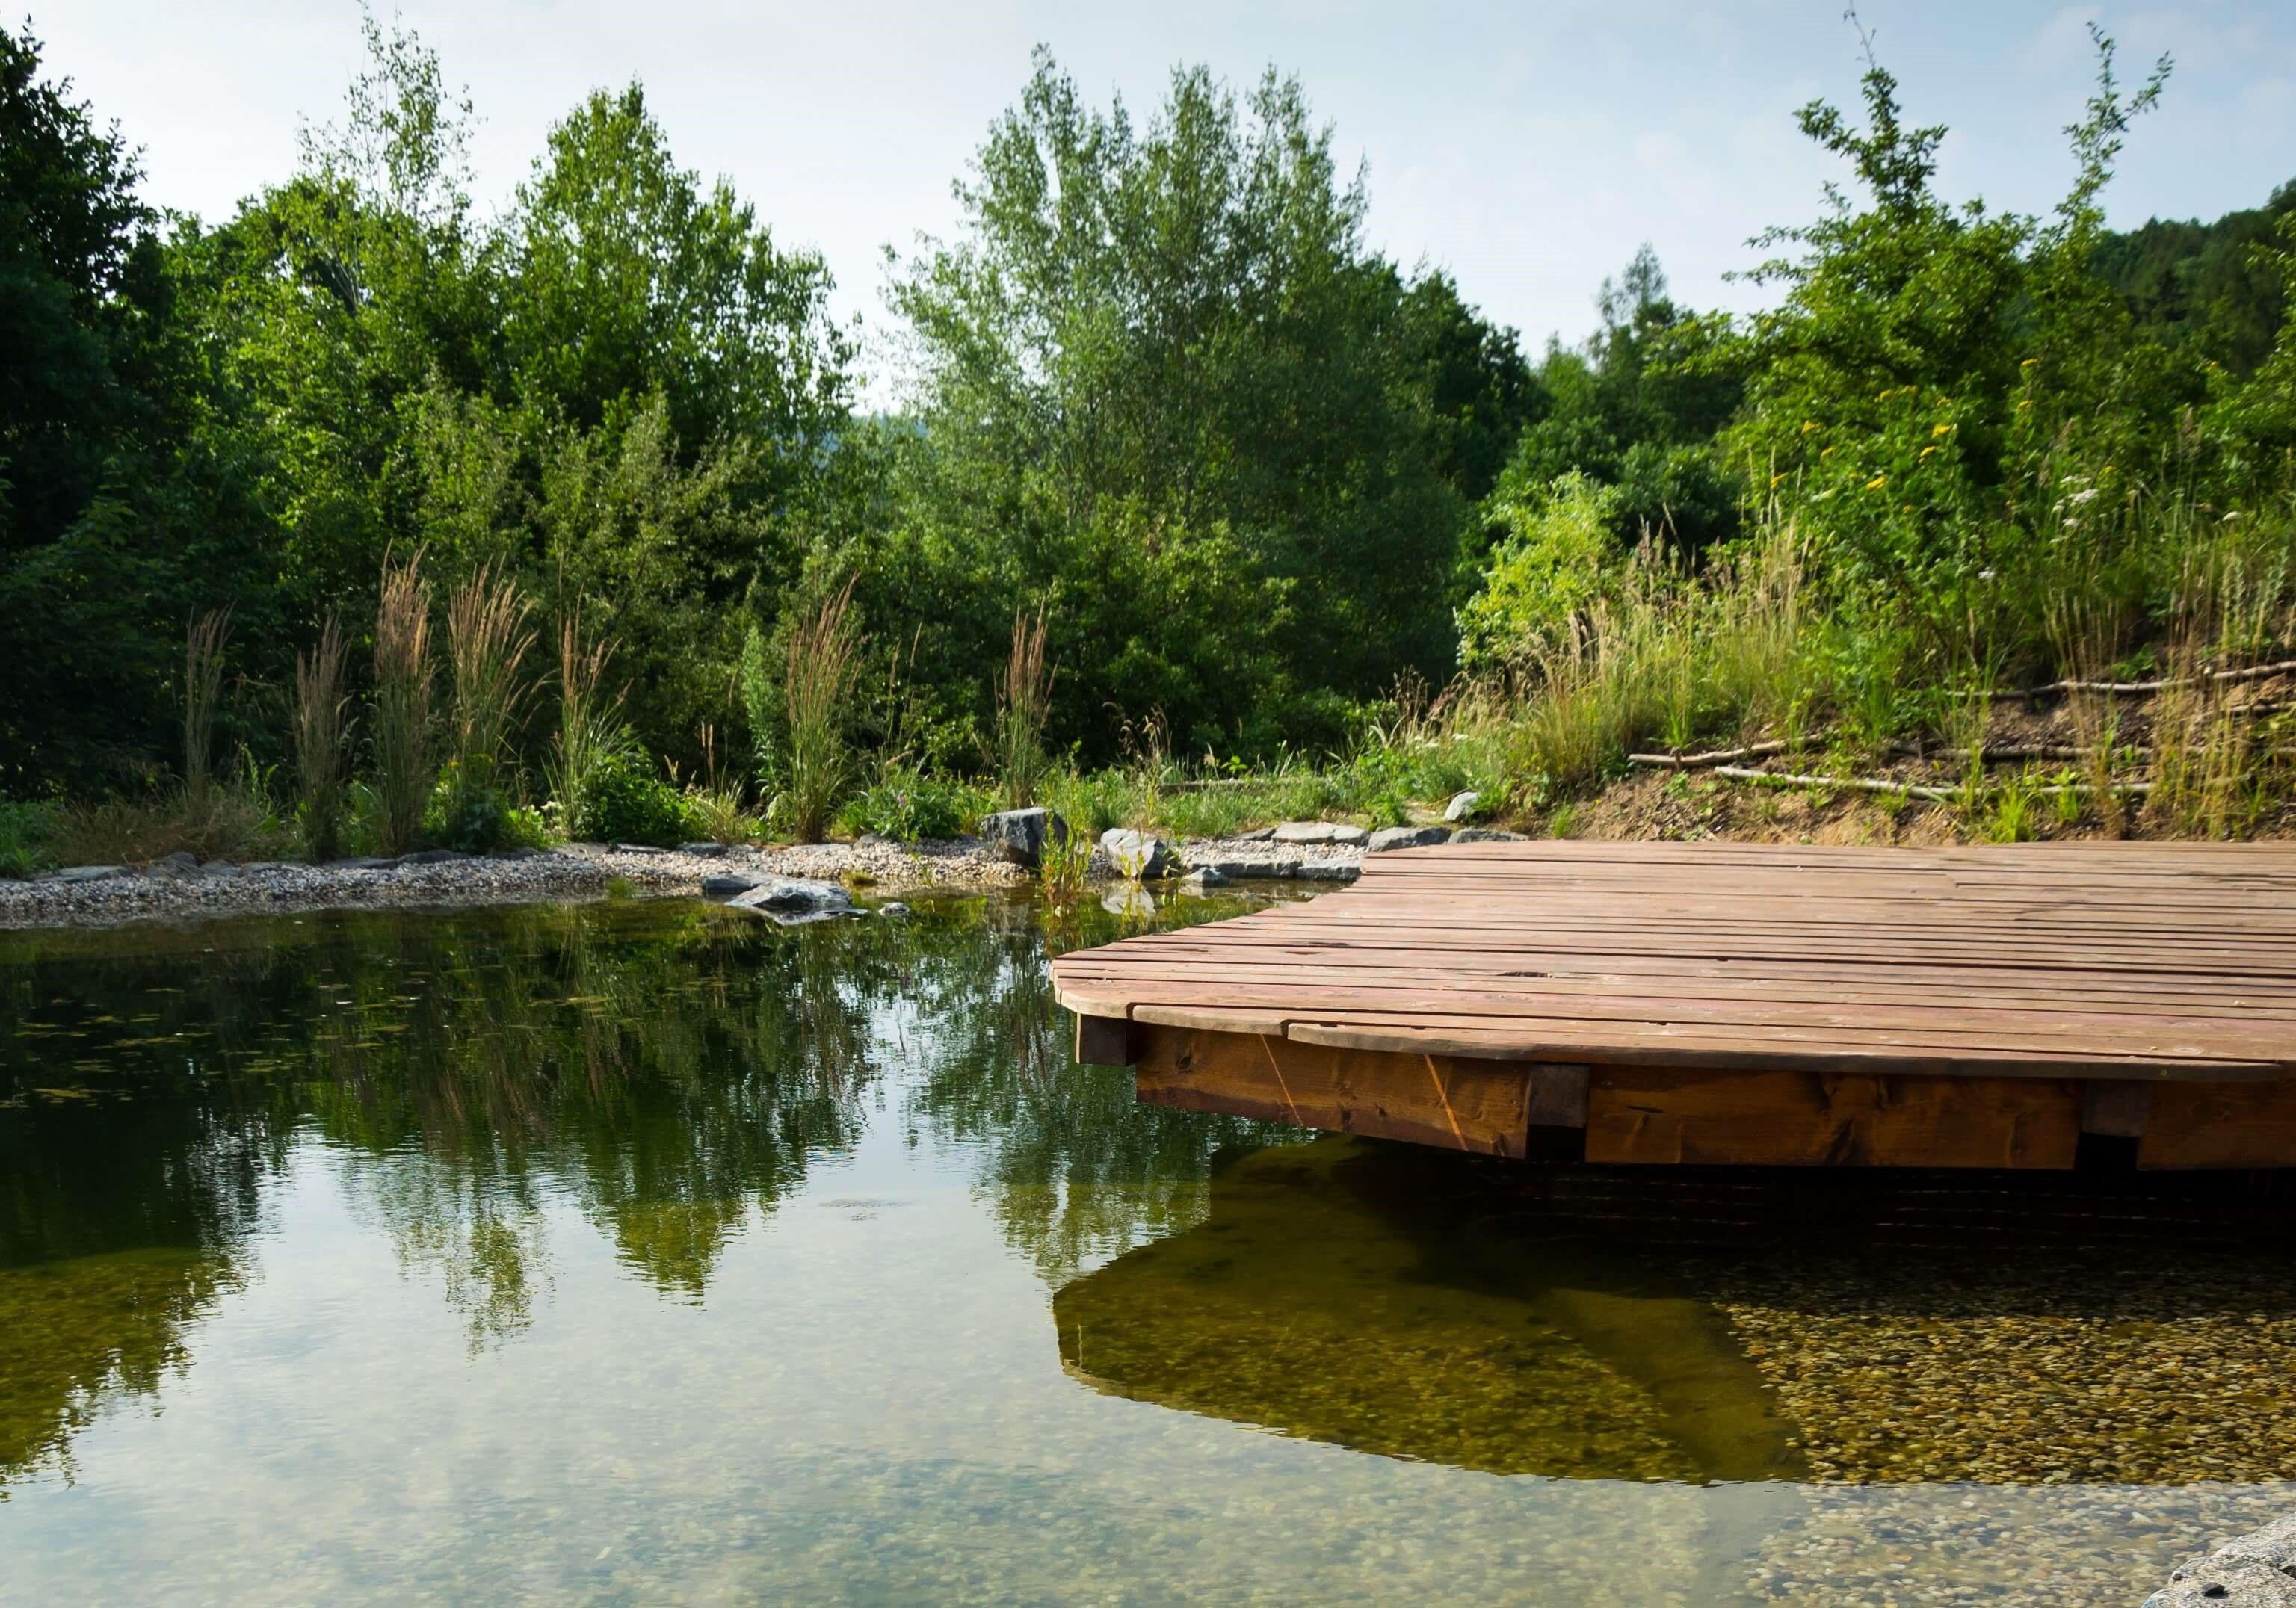 Správná údržba zahradního jezírka zahrnuje profesionální čištění.